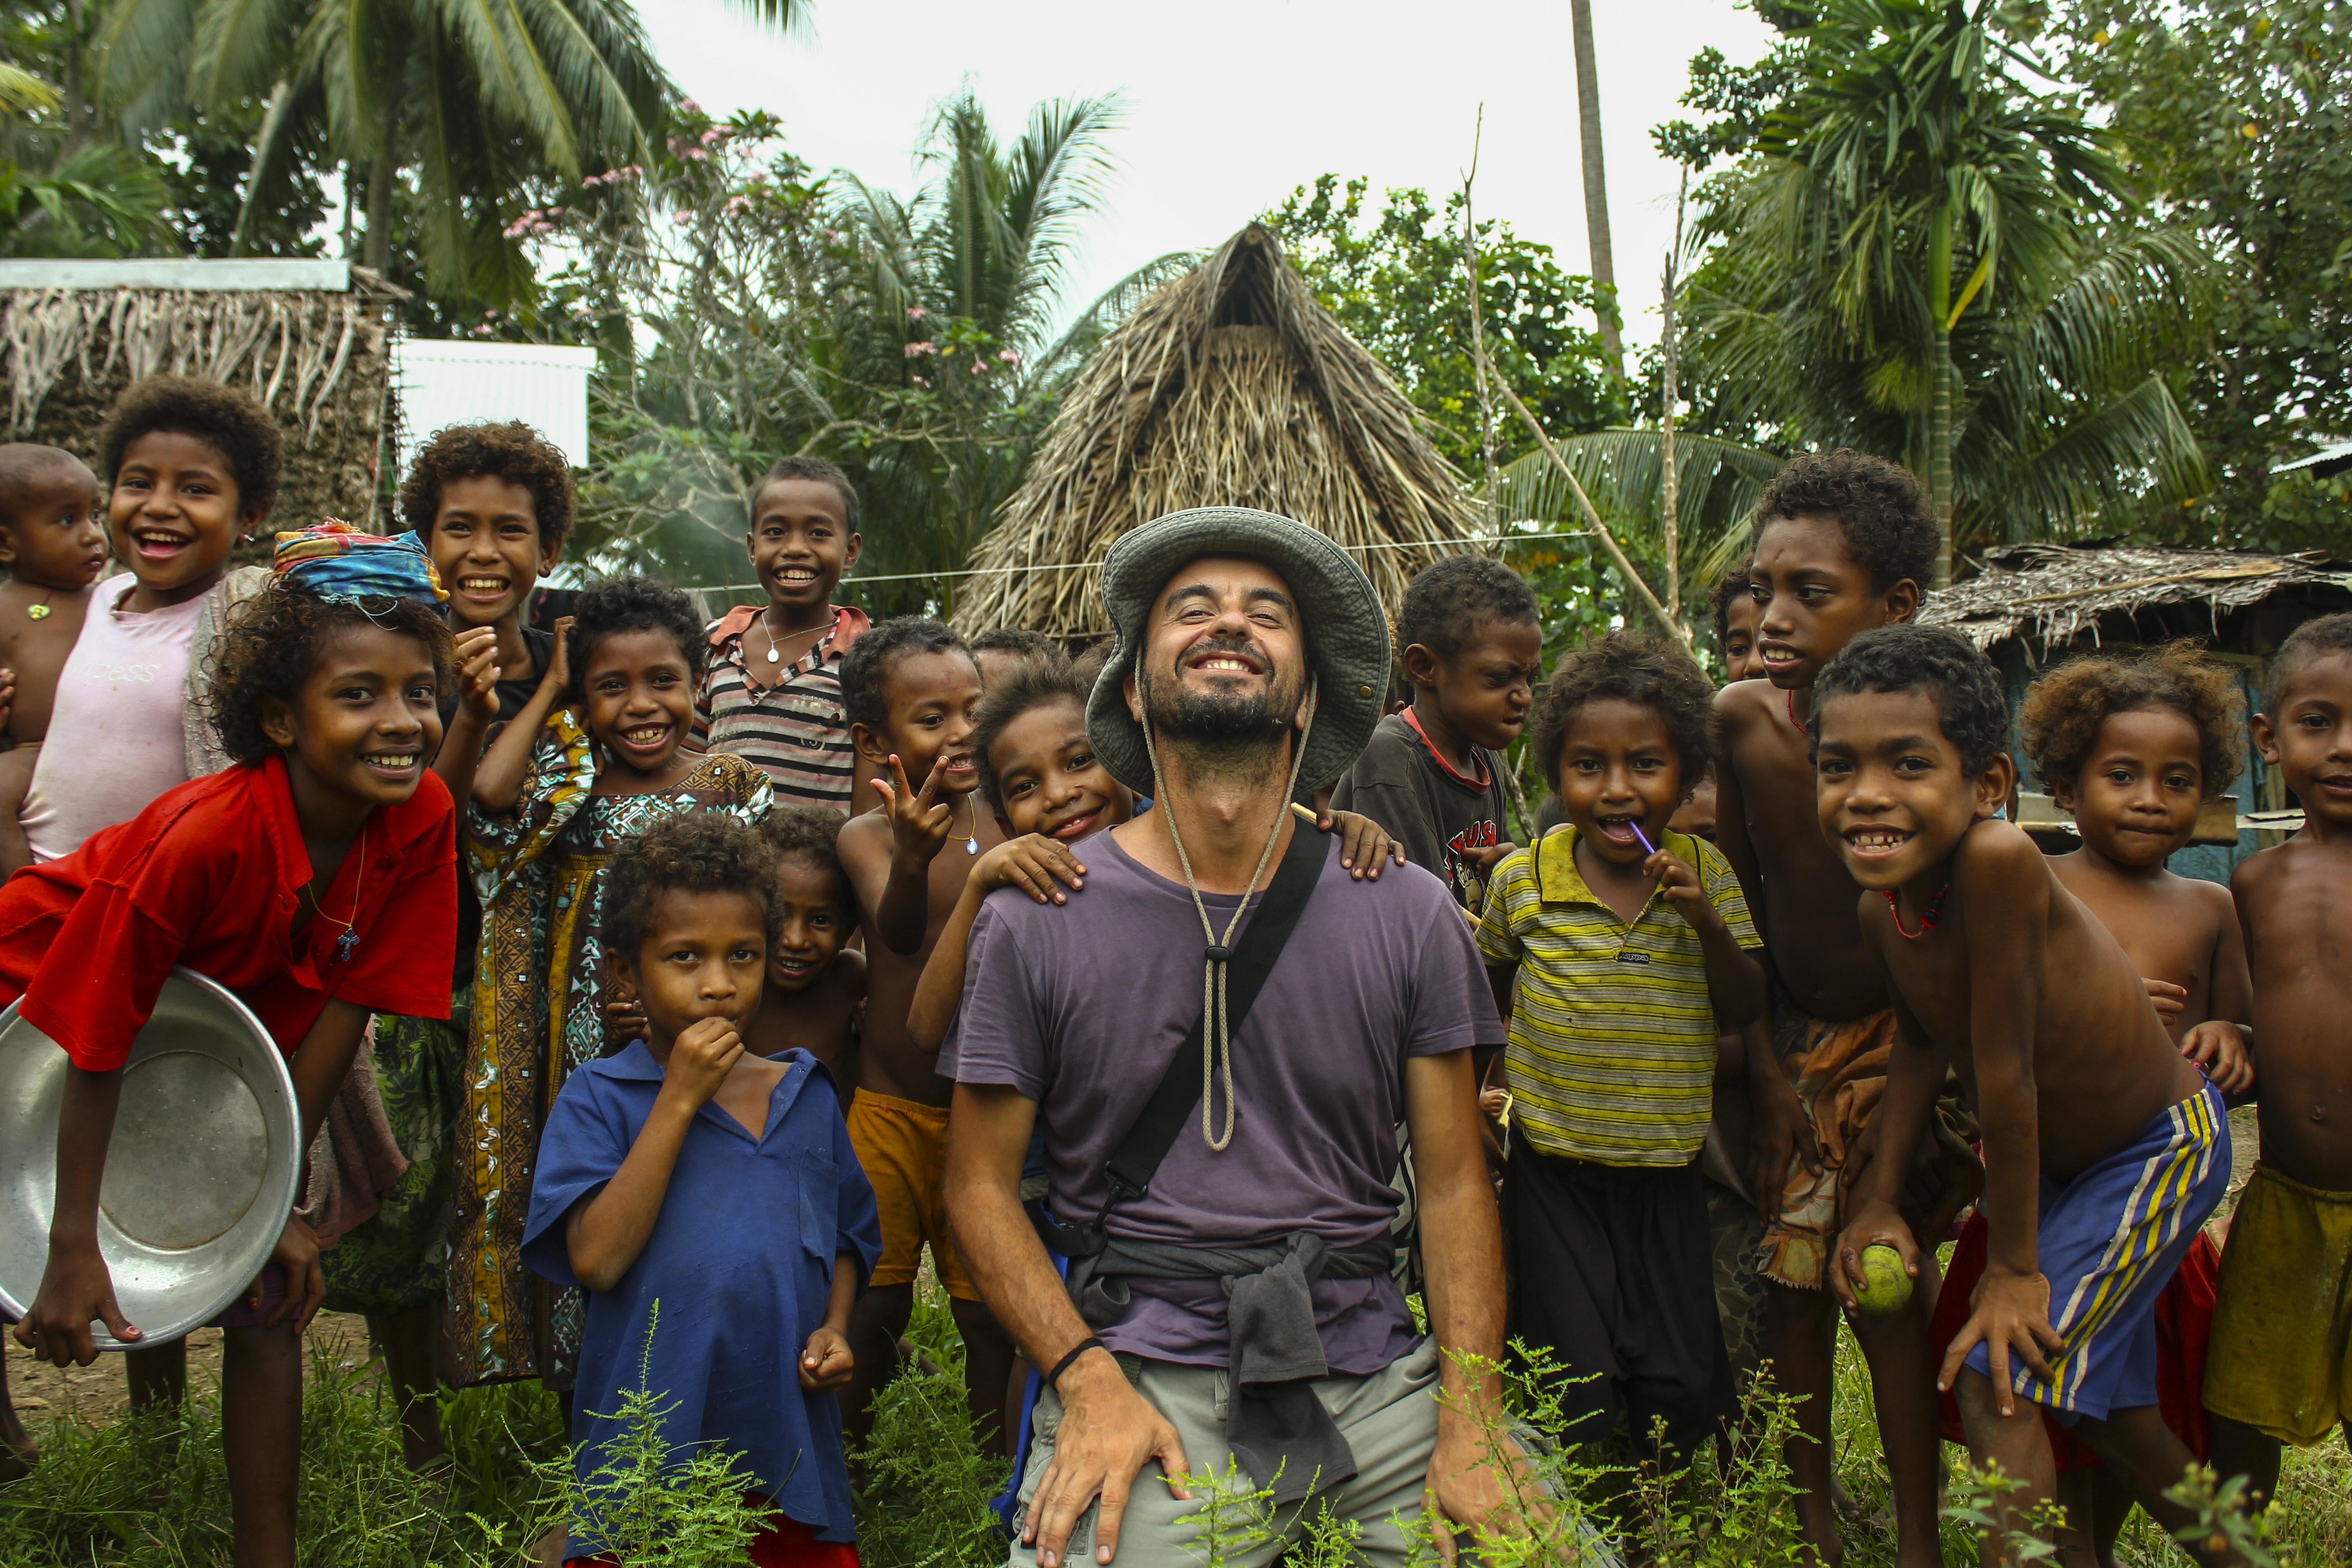 Ο Αλέξανδρος Τσούτης στην Παπούα Νέα Γουινέα